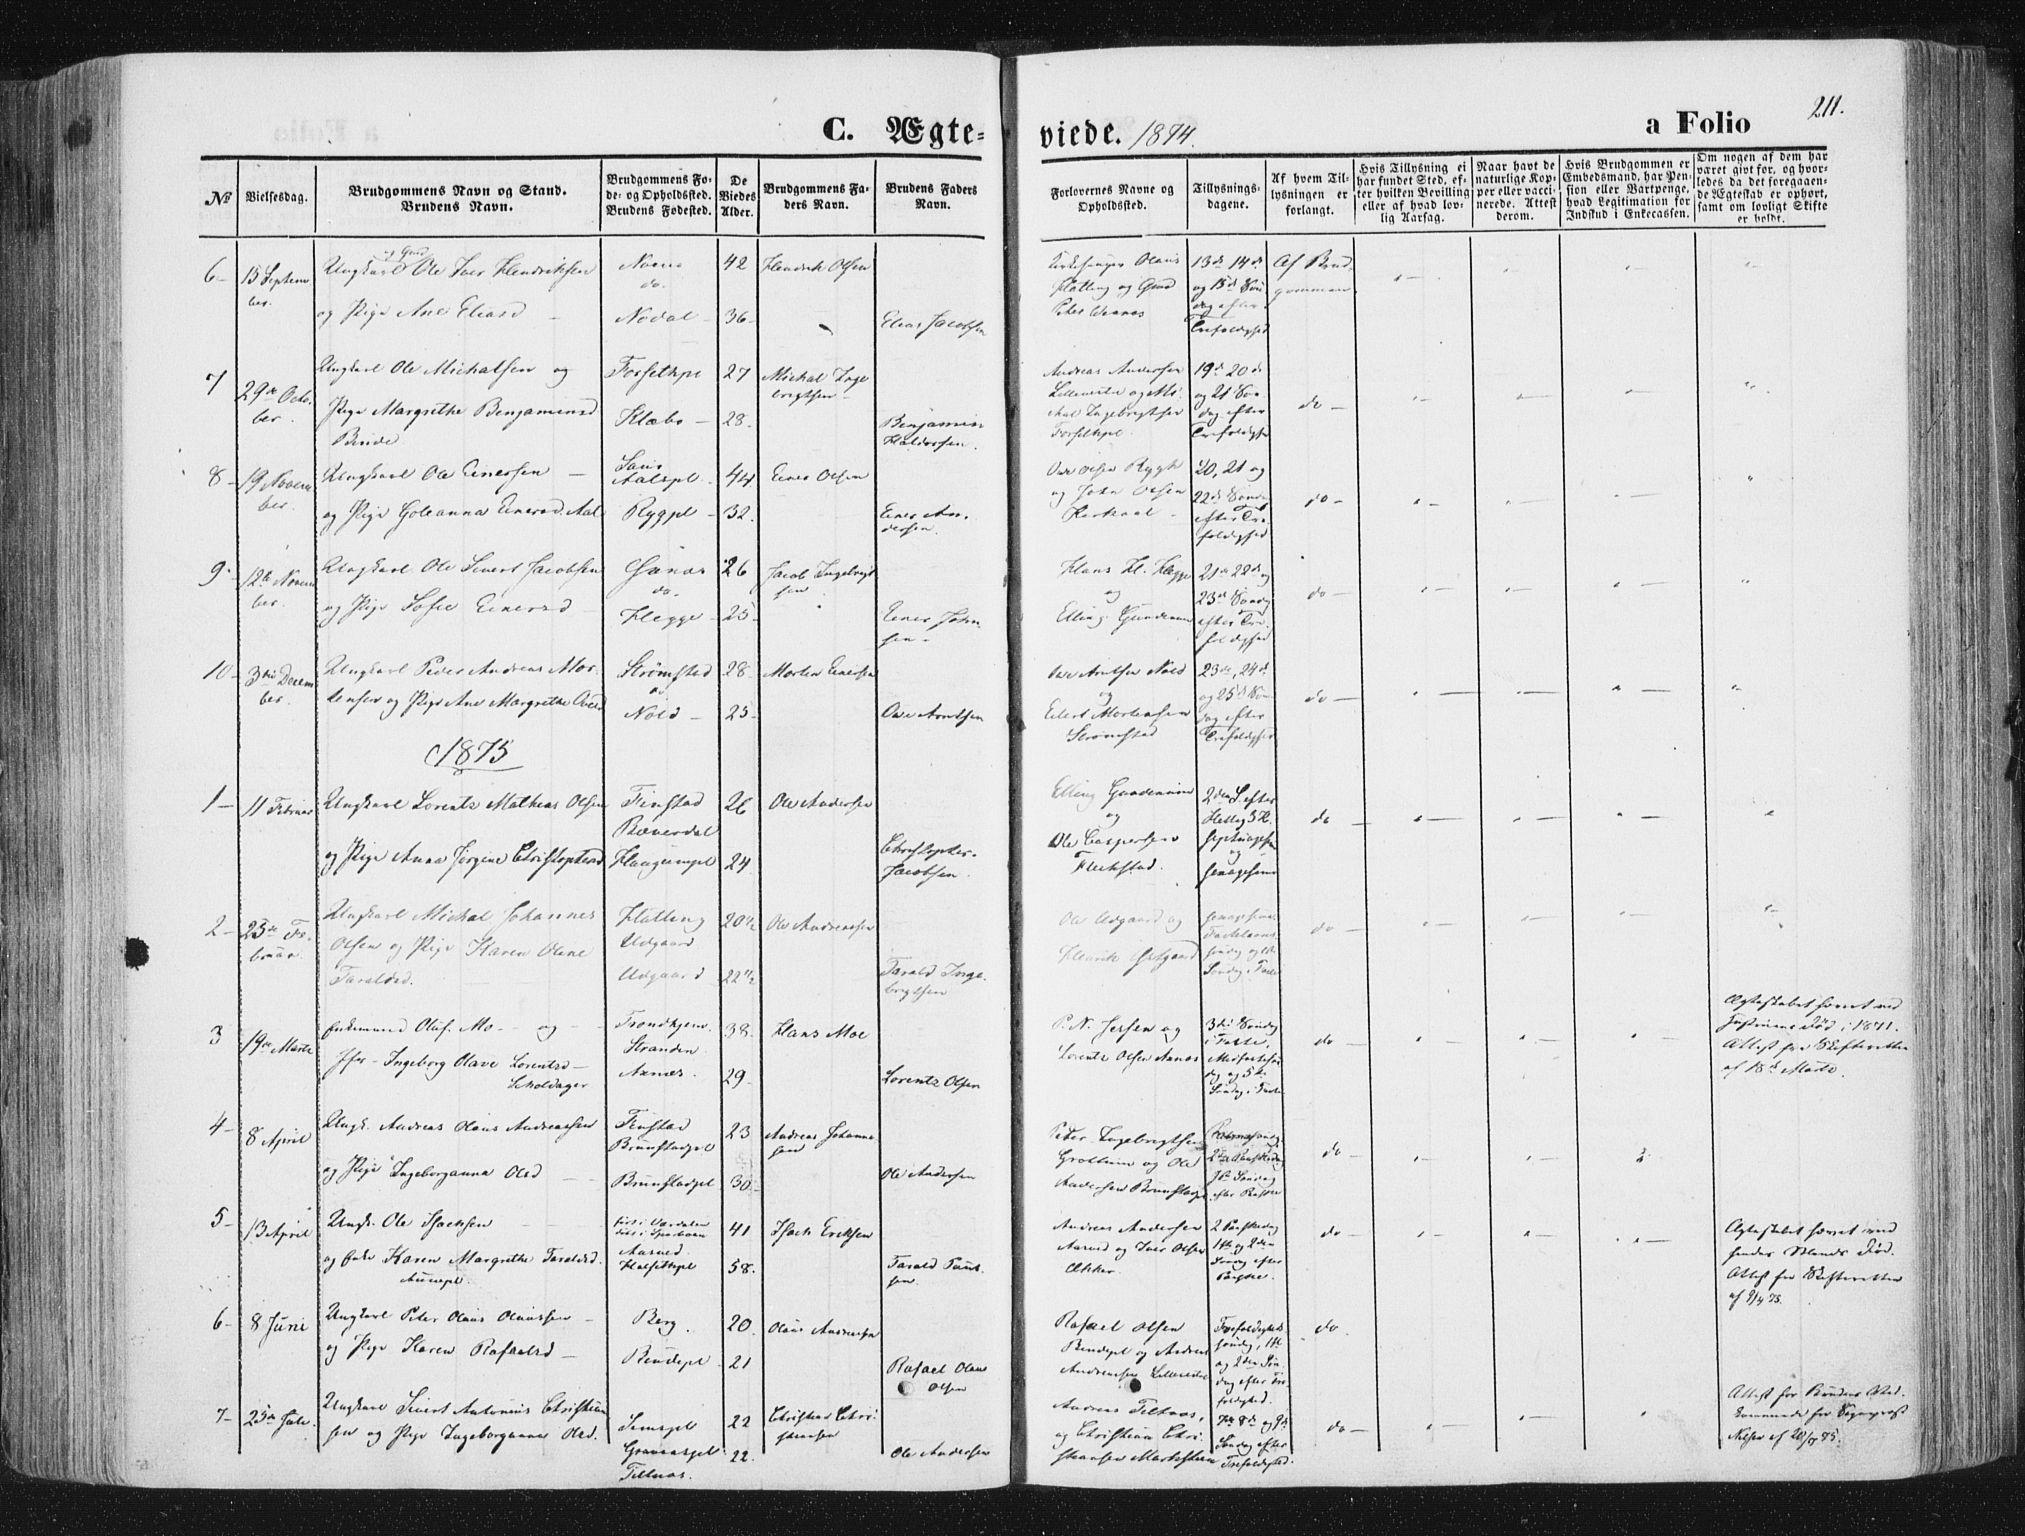 SAT, Ministerialprotokoller, klokkerbøker og fødselsregistre - Nord-Trøndelag, 746/L0447: Ministerialbok nr. 746A06, 1860-1877, s. 211